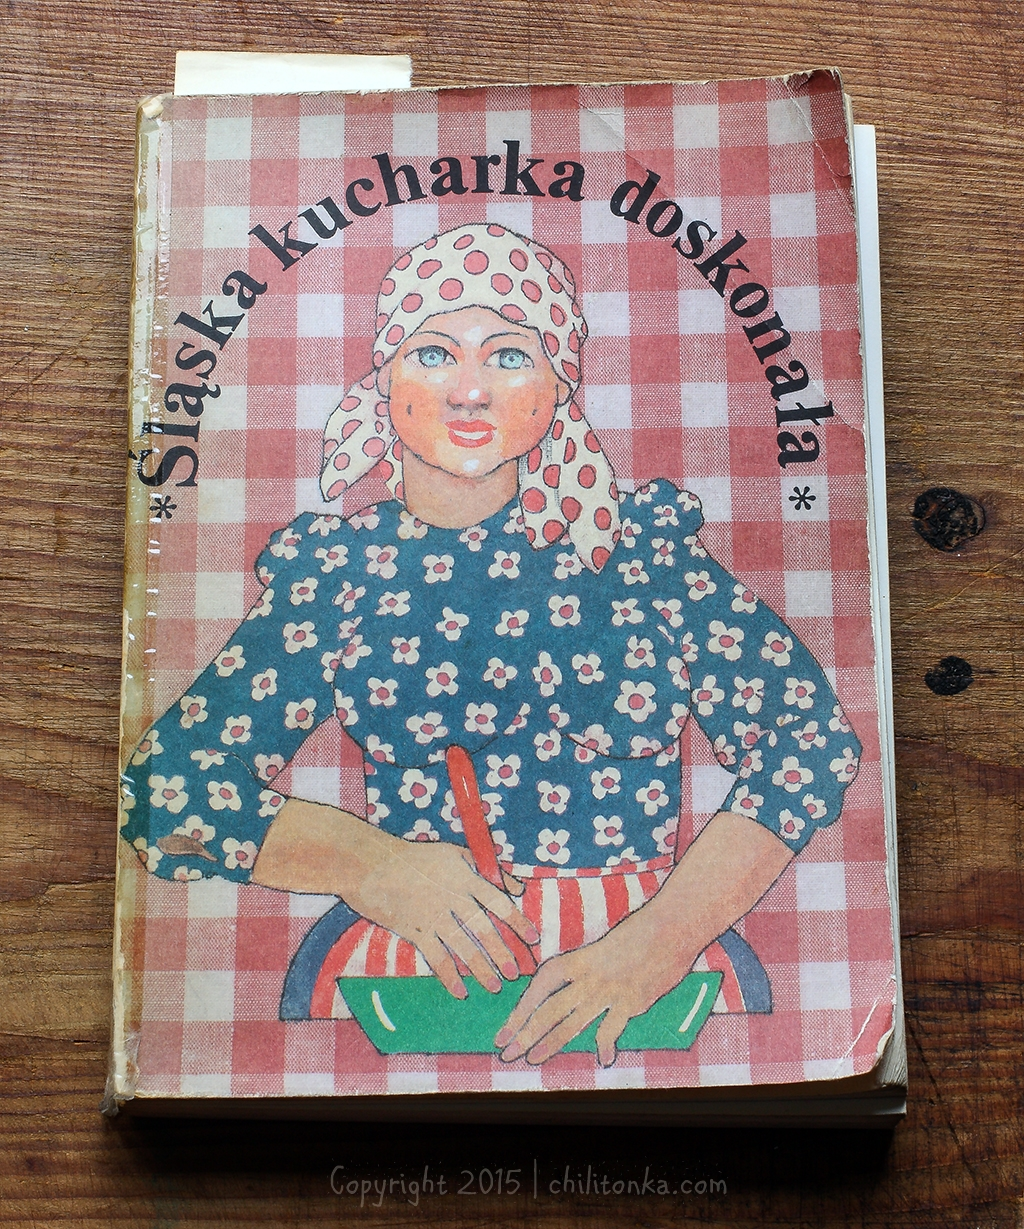 Śląska kucharka doskonała | chilitonka